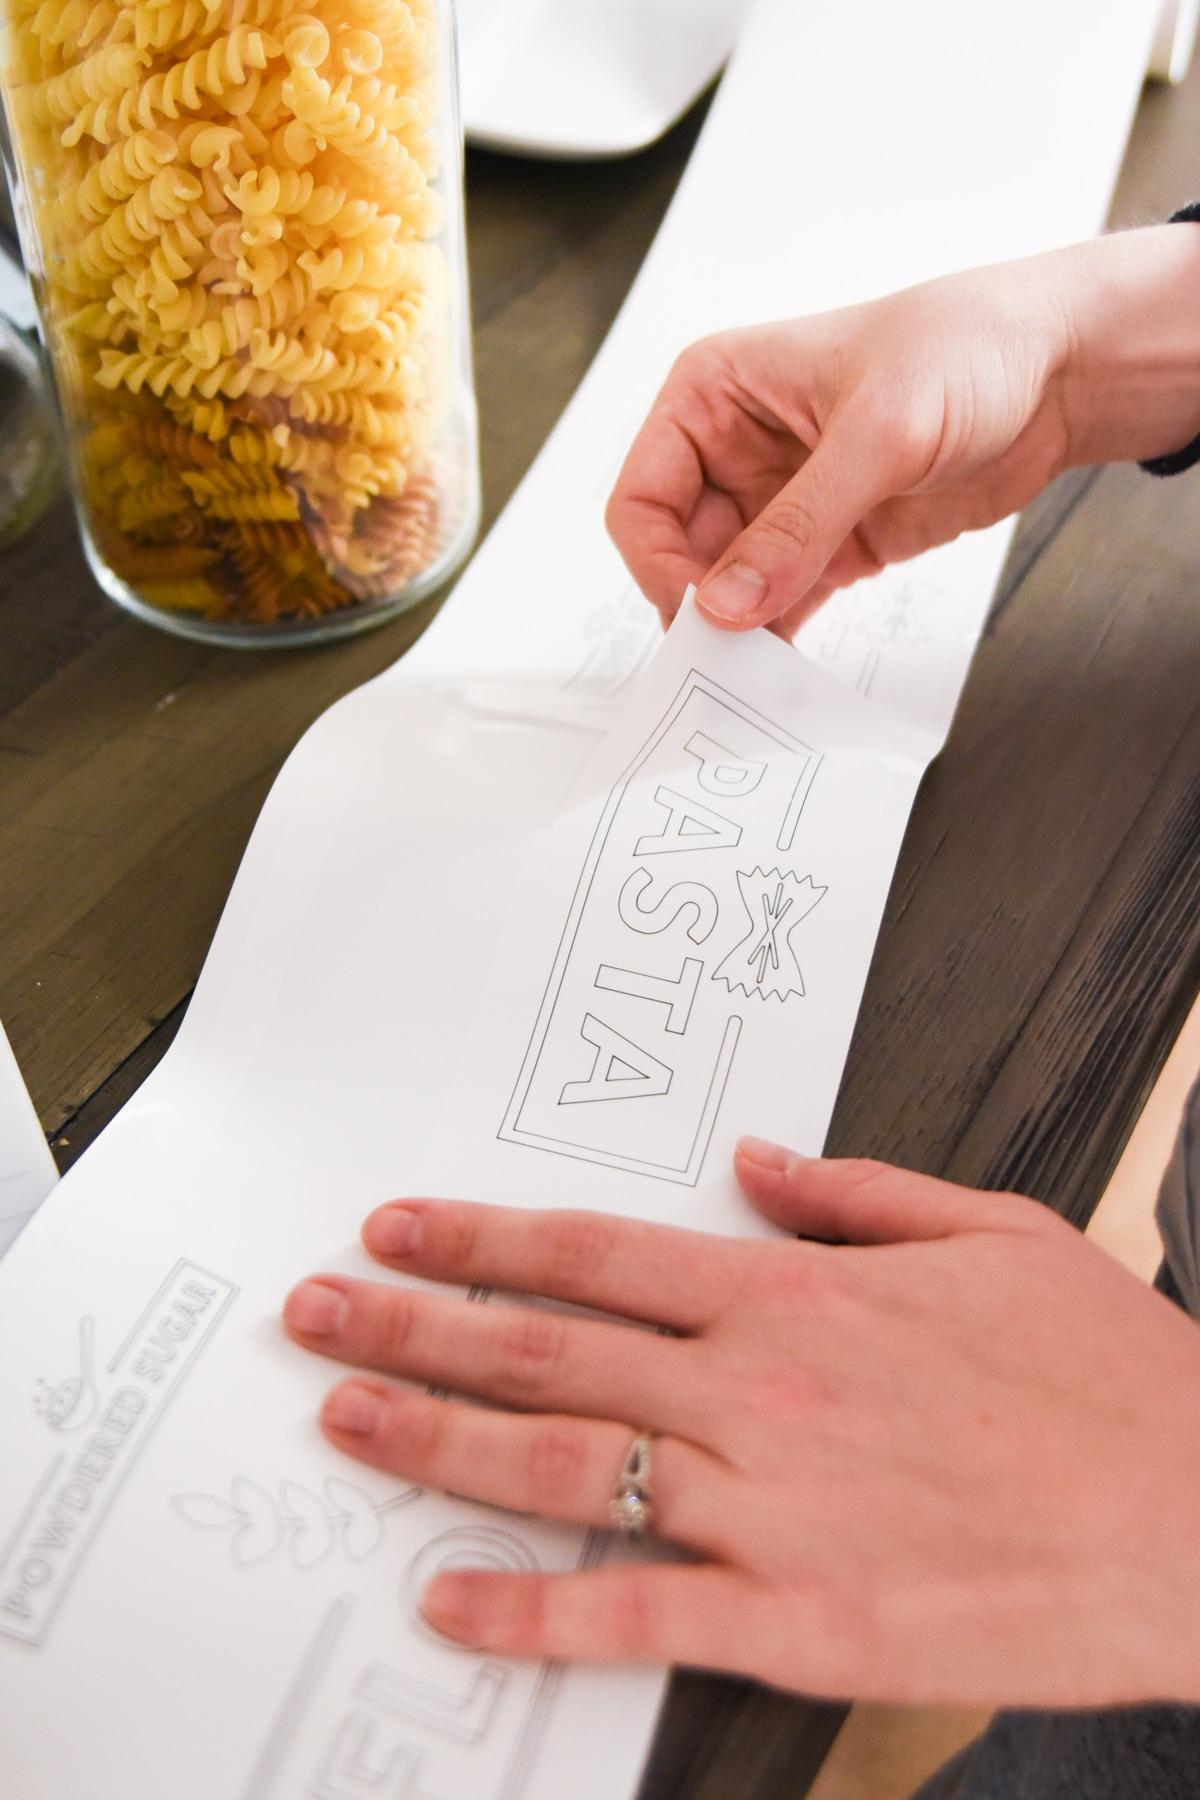 woman peeling label from sheet